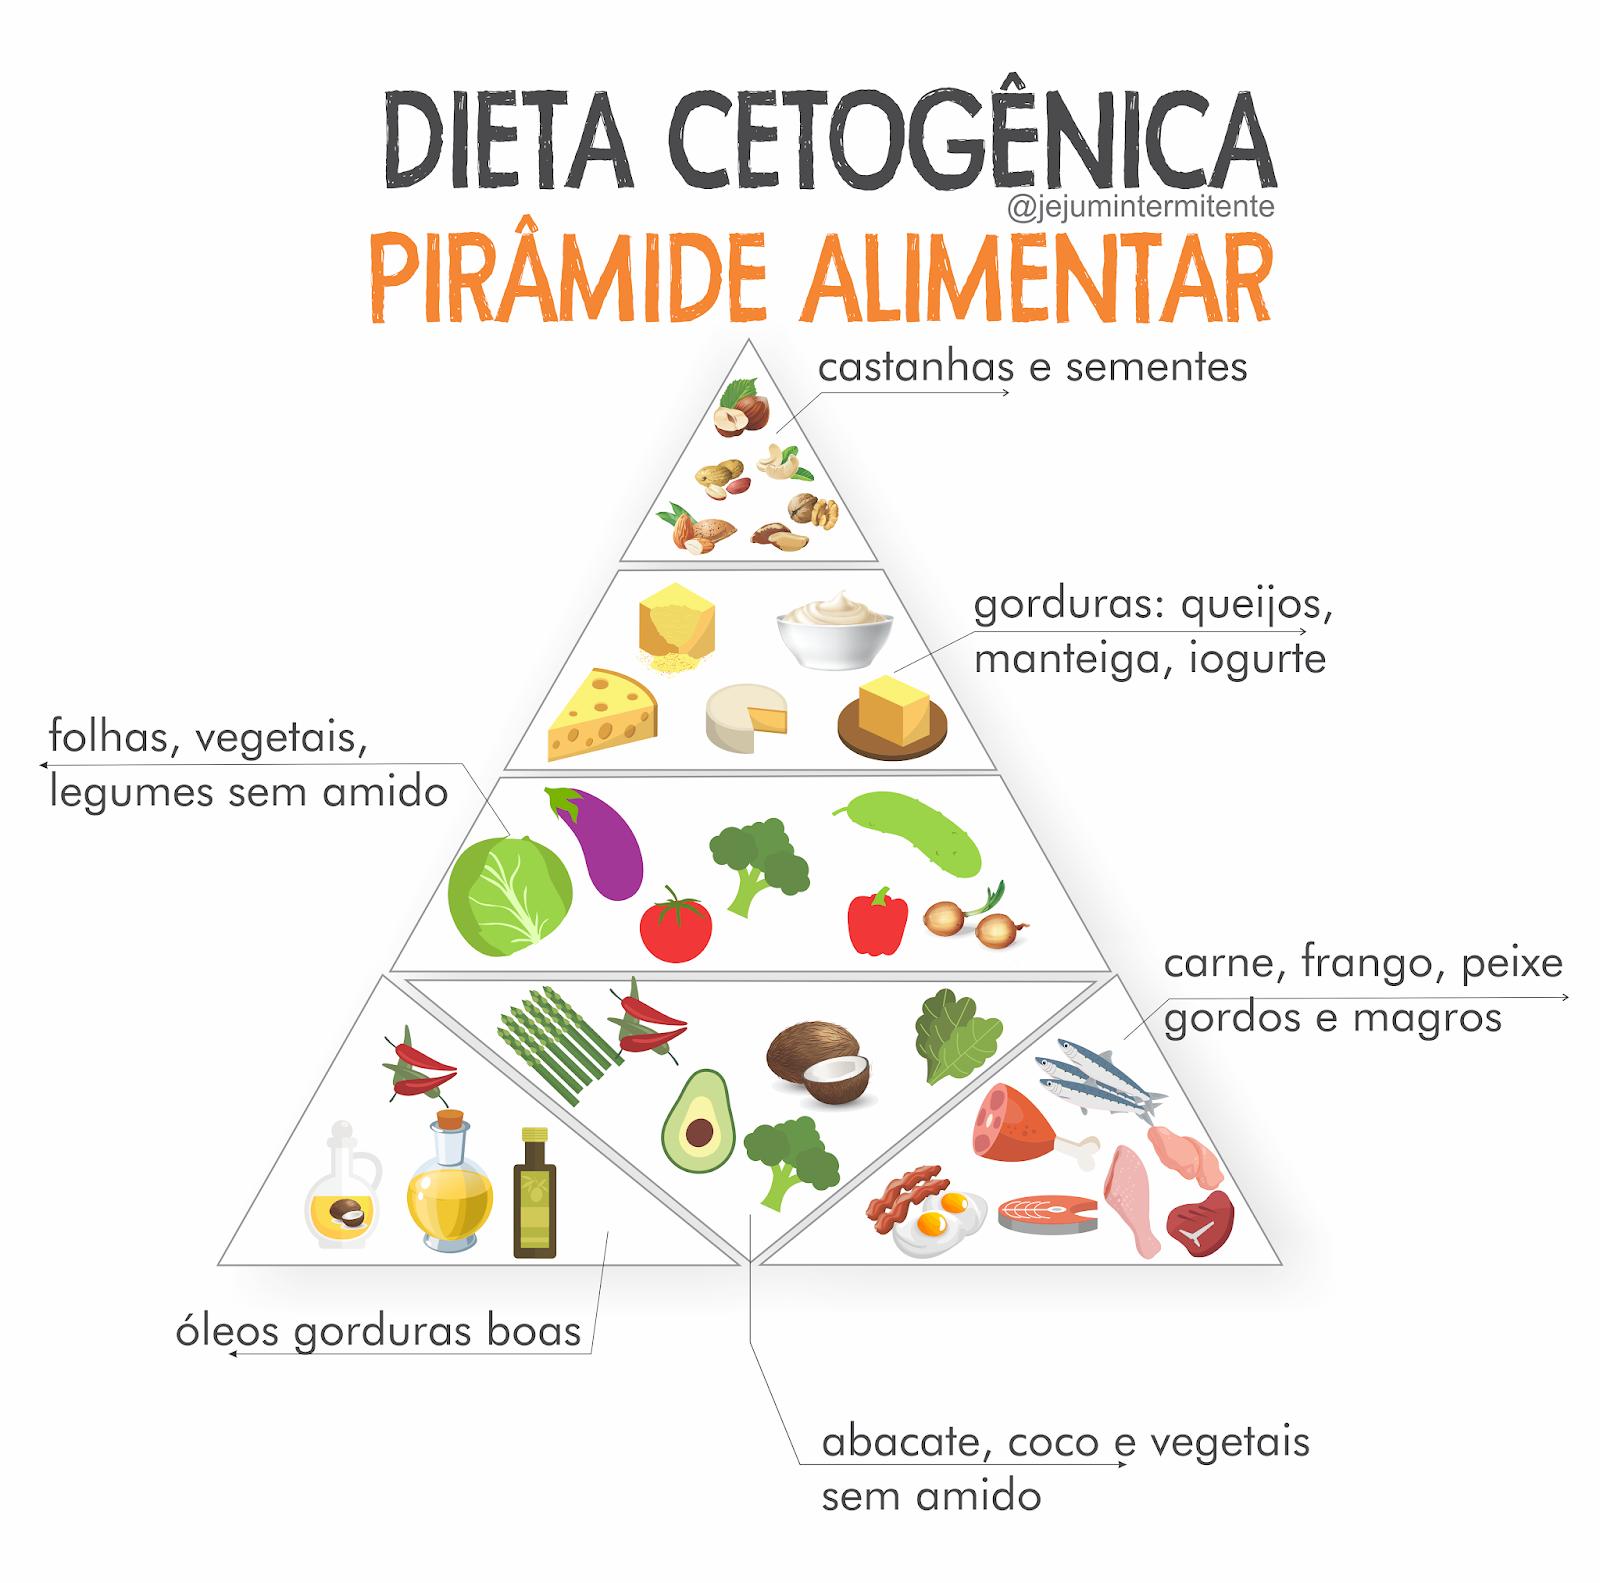 quais os alimentos que pode comer na dieta cetosisgênica